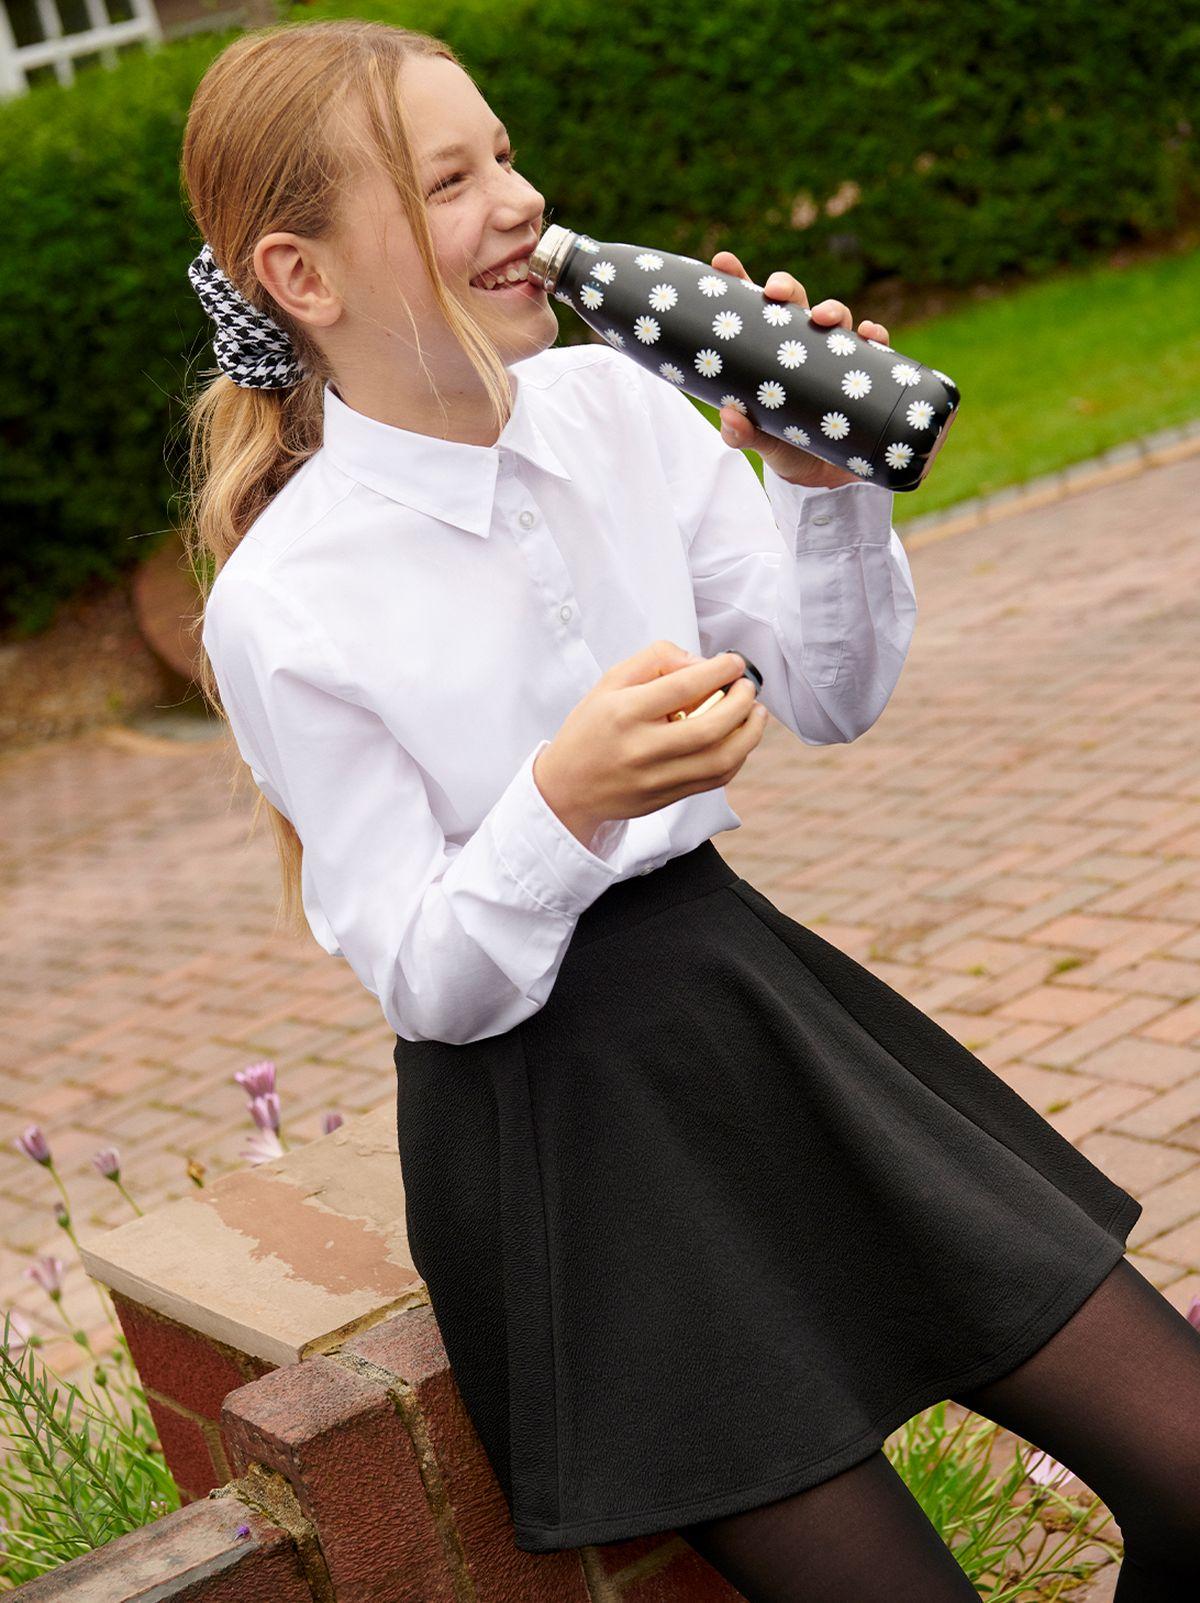 Girl in her school uniform drinking from her black daisy water bottle.